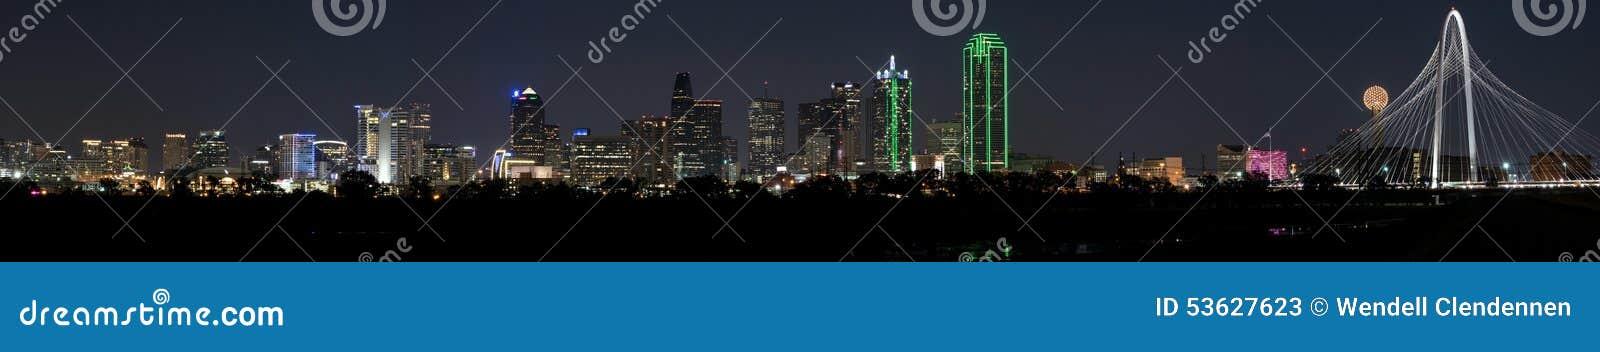 Πανόραμα ορίζοντας του Ντάλλας, Τέξας σε μια σαφή νύχτα με τη πανσέληνο